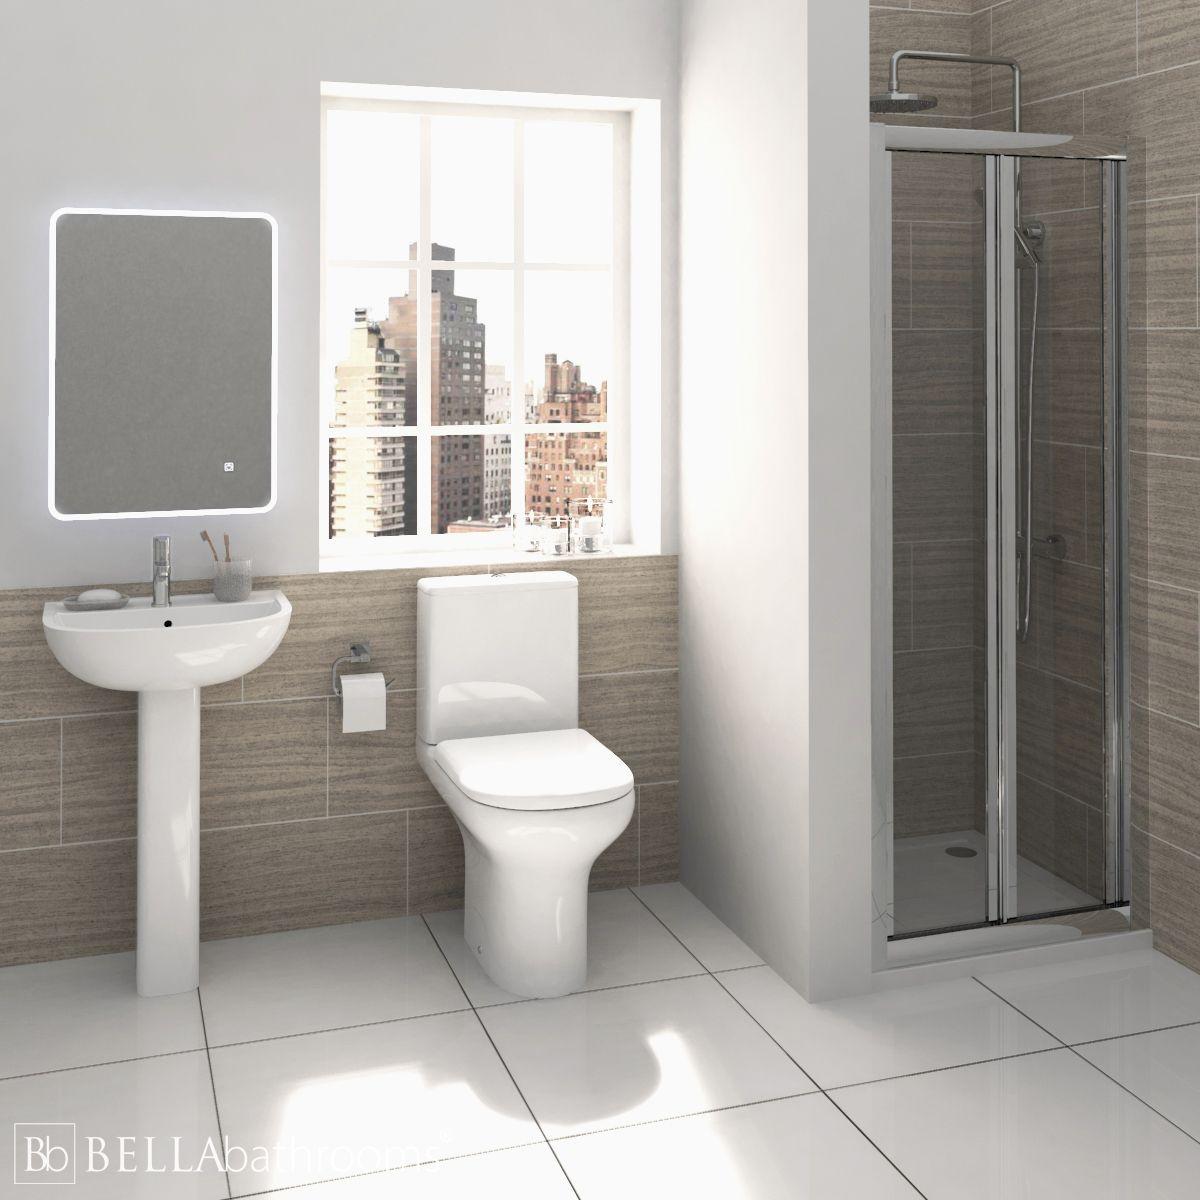 RAK Compact Shower Suite with Pacific Bi-Fold Door Shower Enclosure Recess